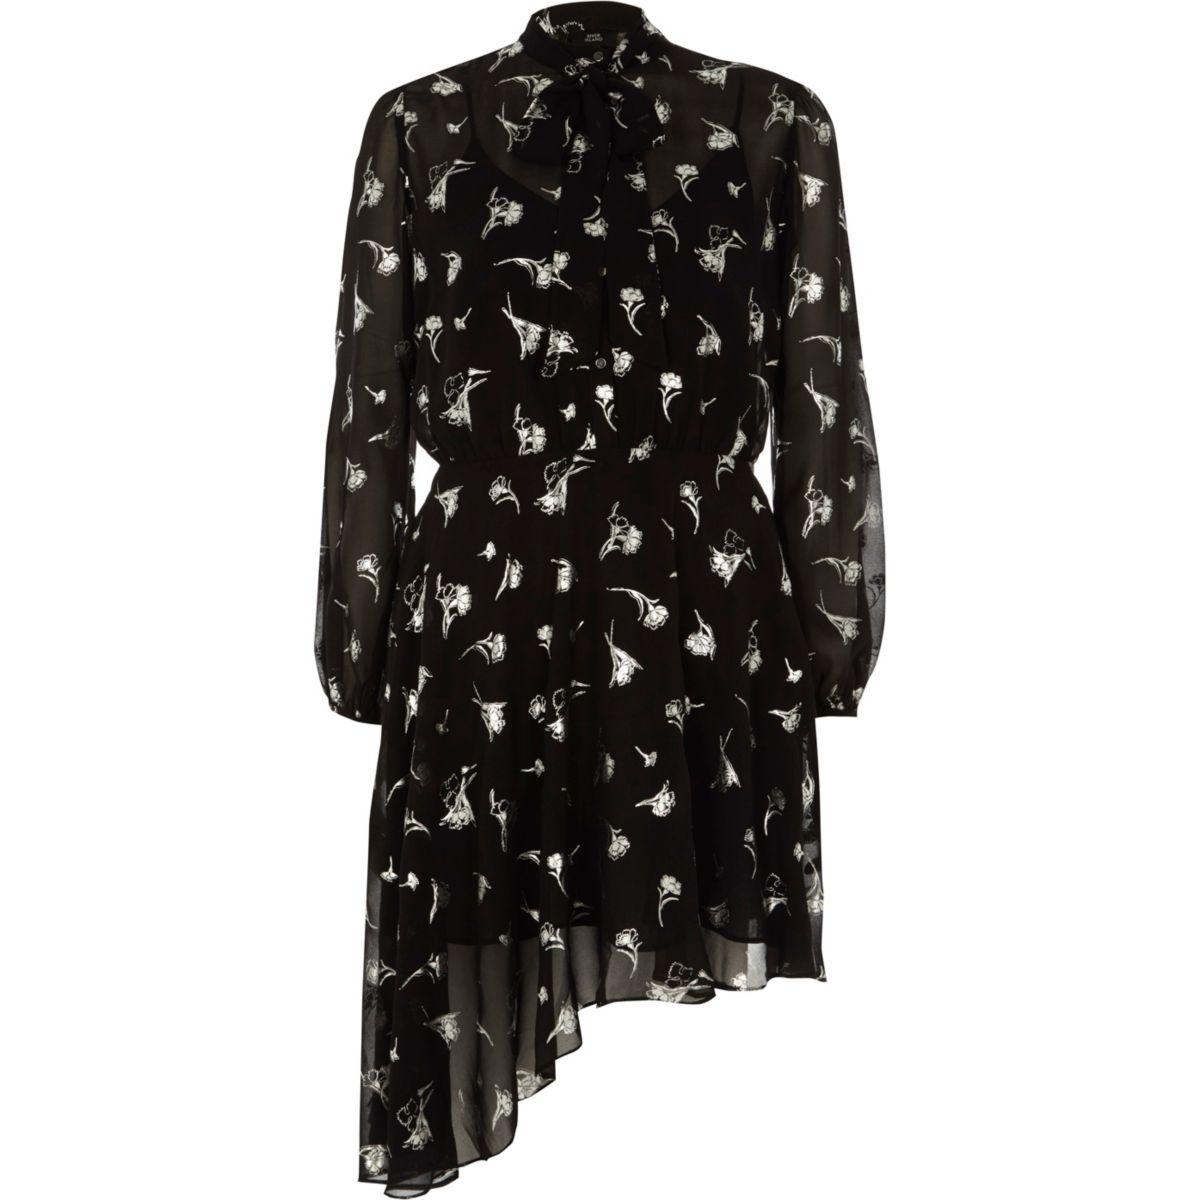 Schwarzes Schluppenkleid mit silberfarbem Blumenprint